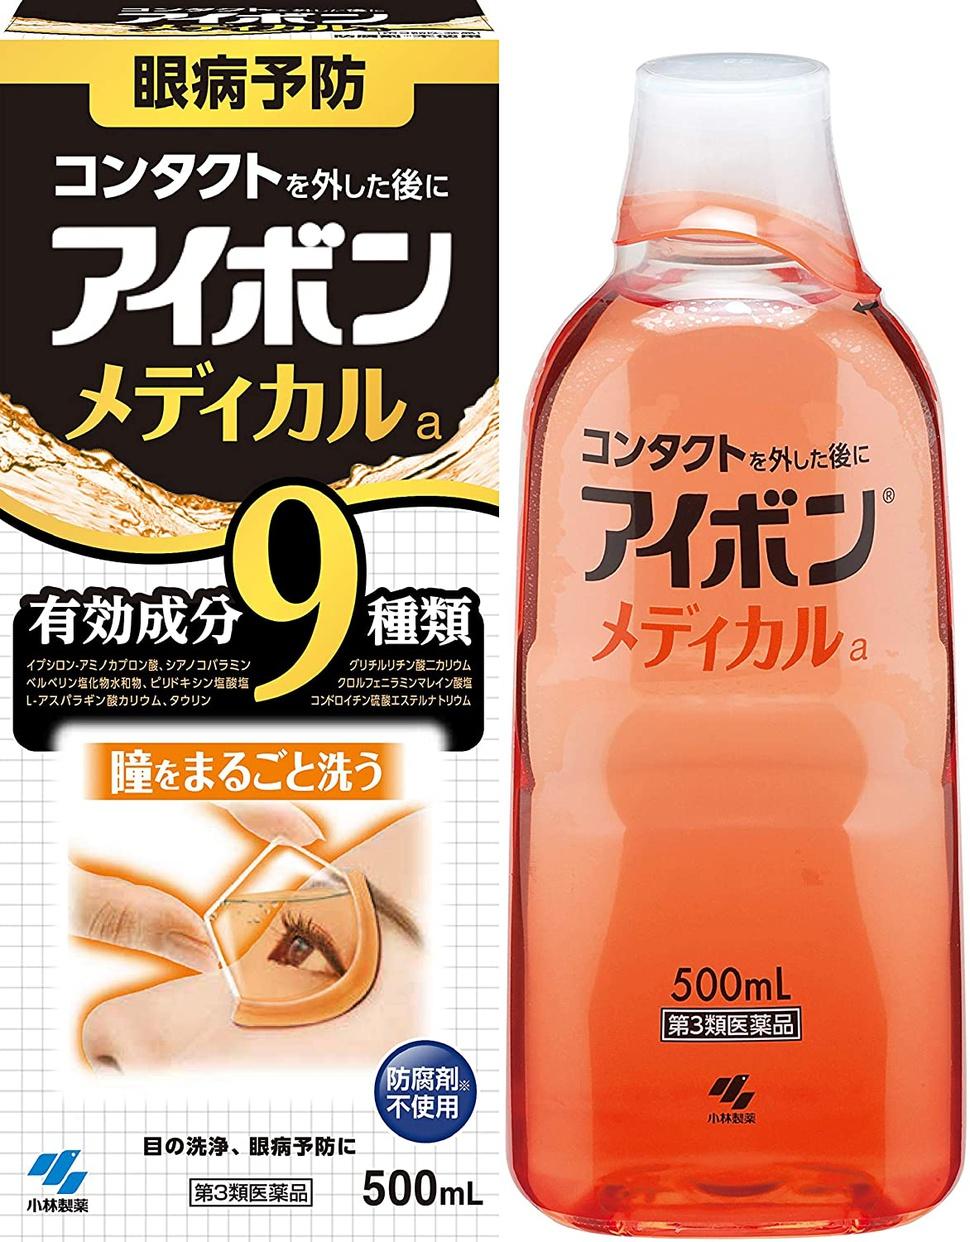 アイボン メディカルaの商品画像